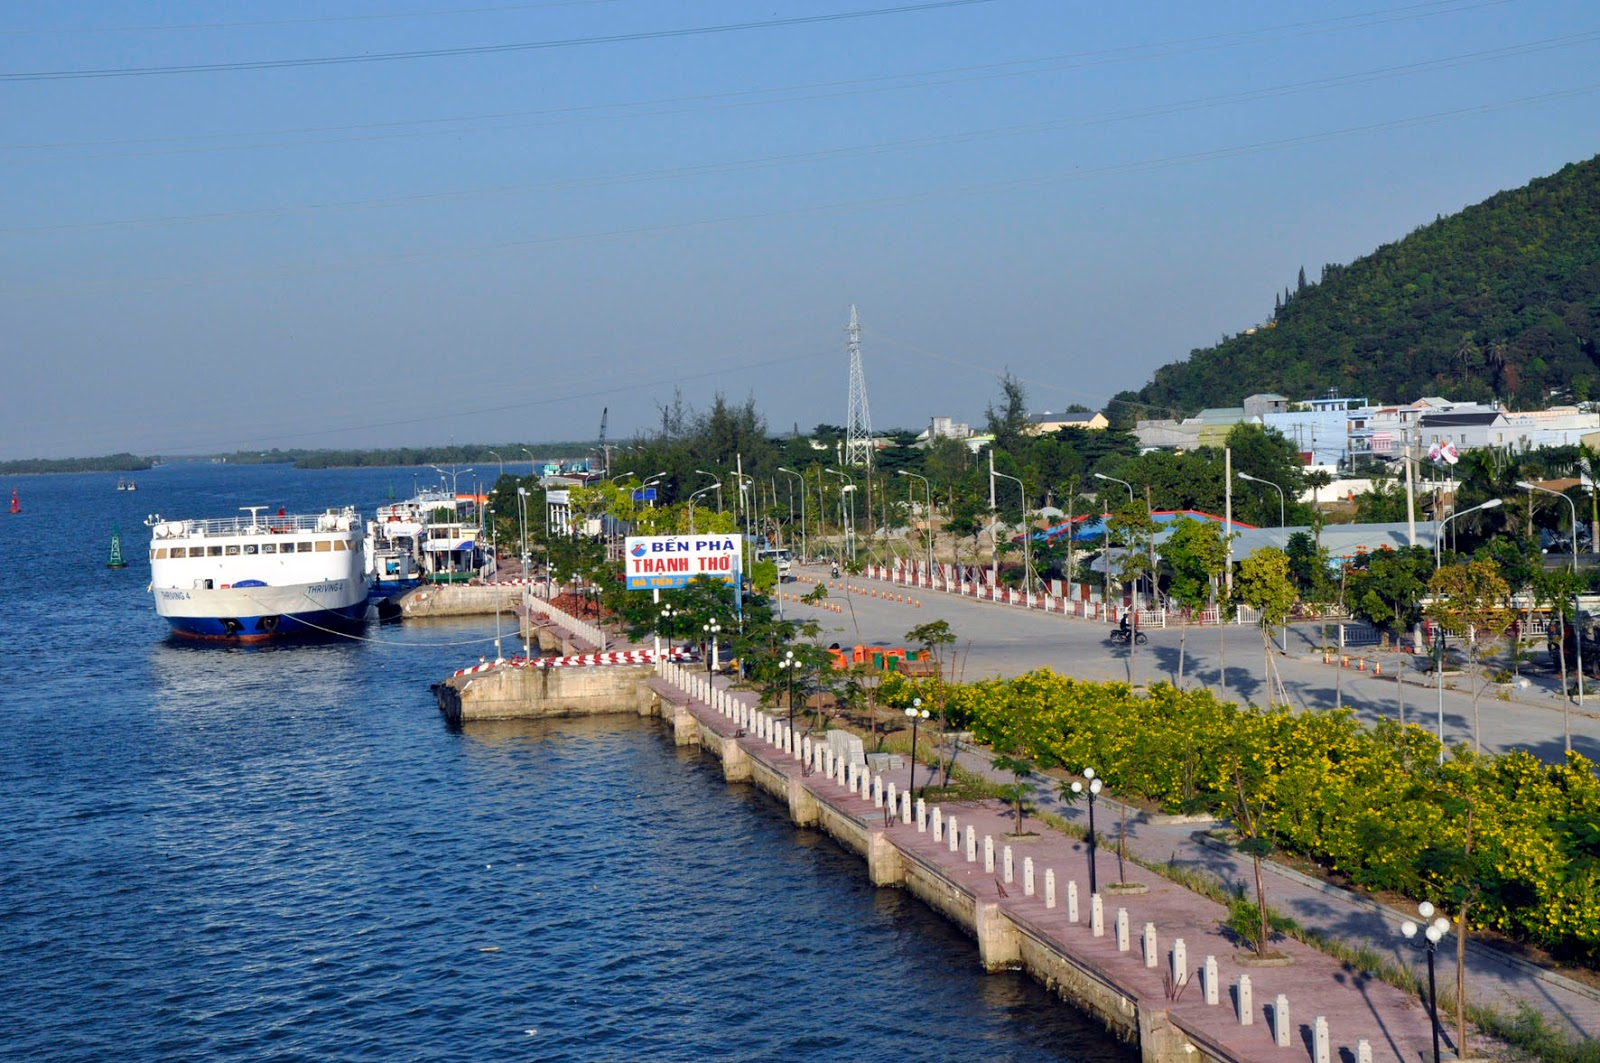 Du lịch đến Phú Quốc bằng phà Hà Tiên